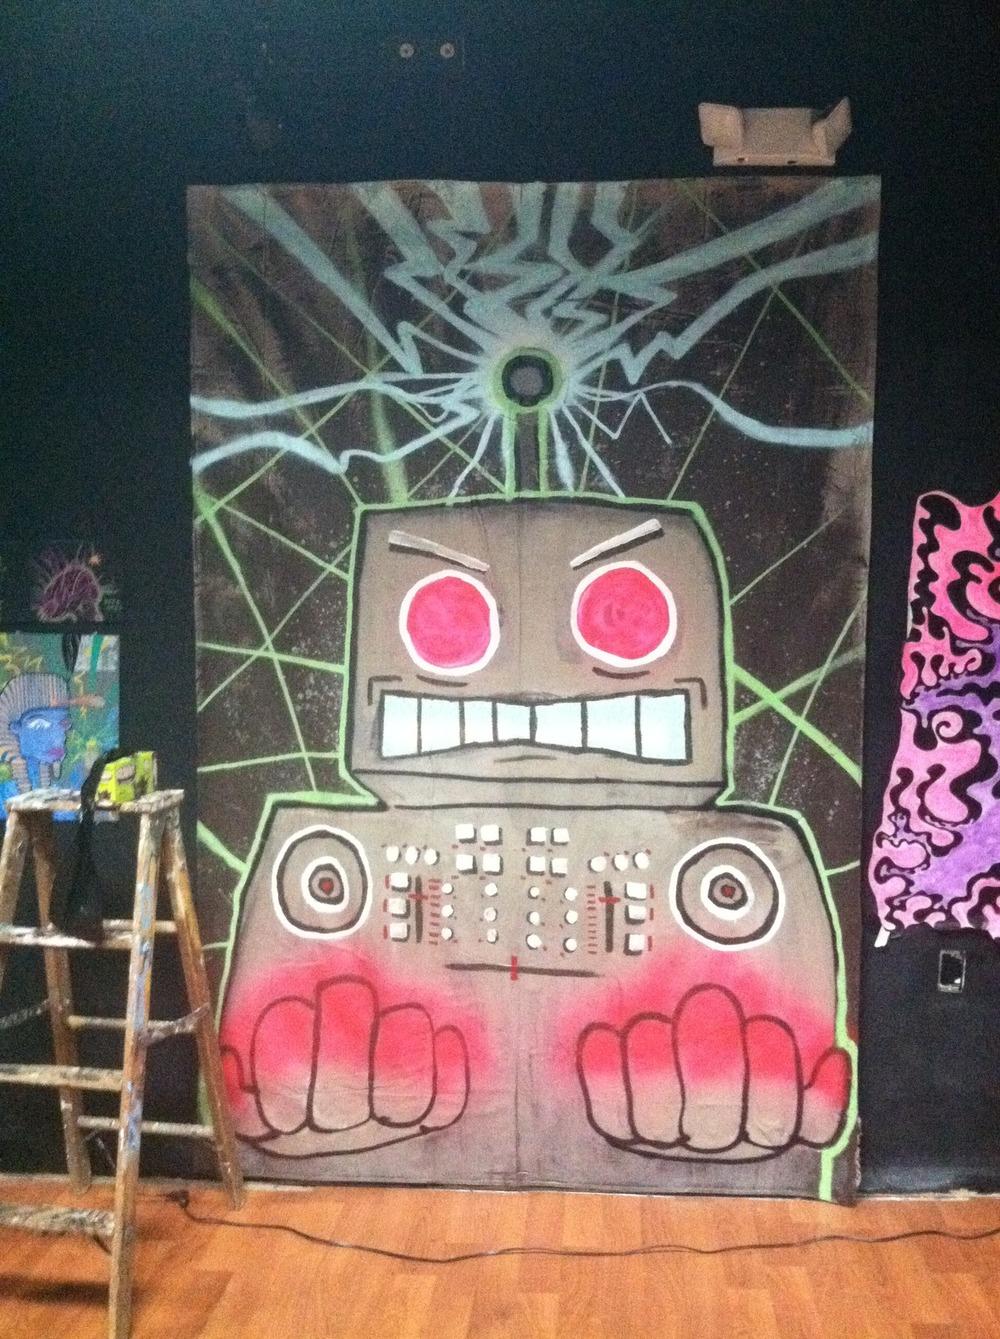 Robo-tron 9000